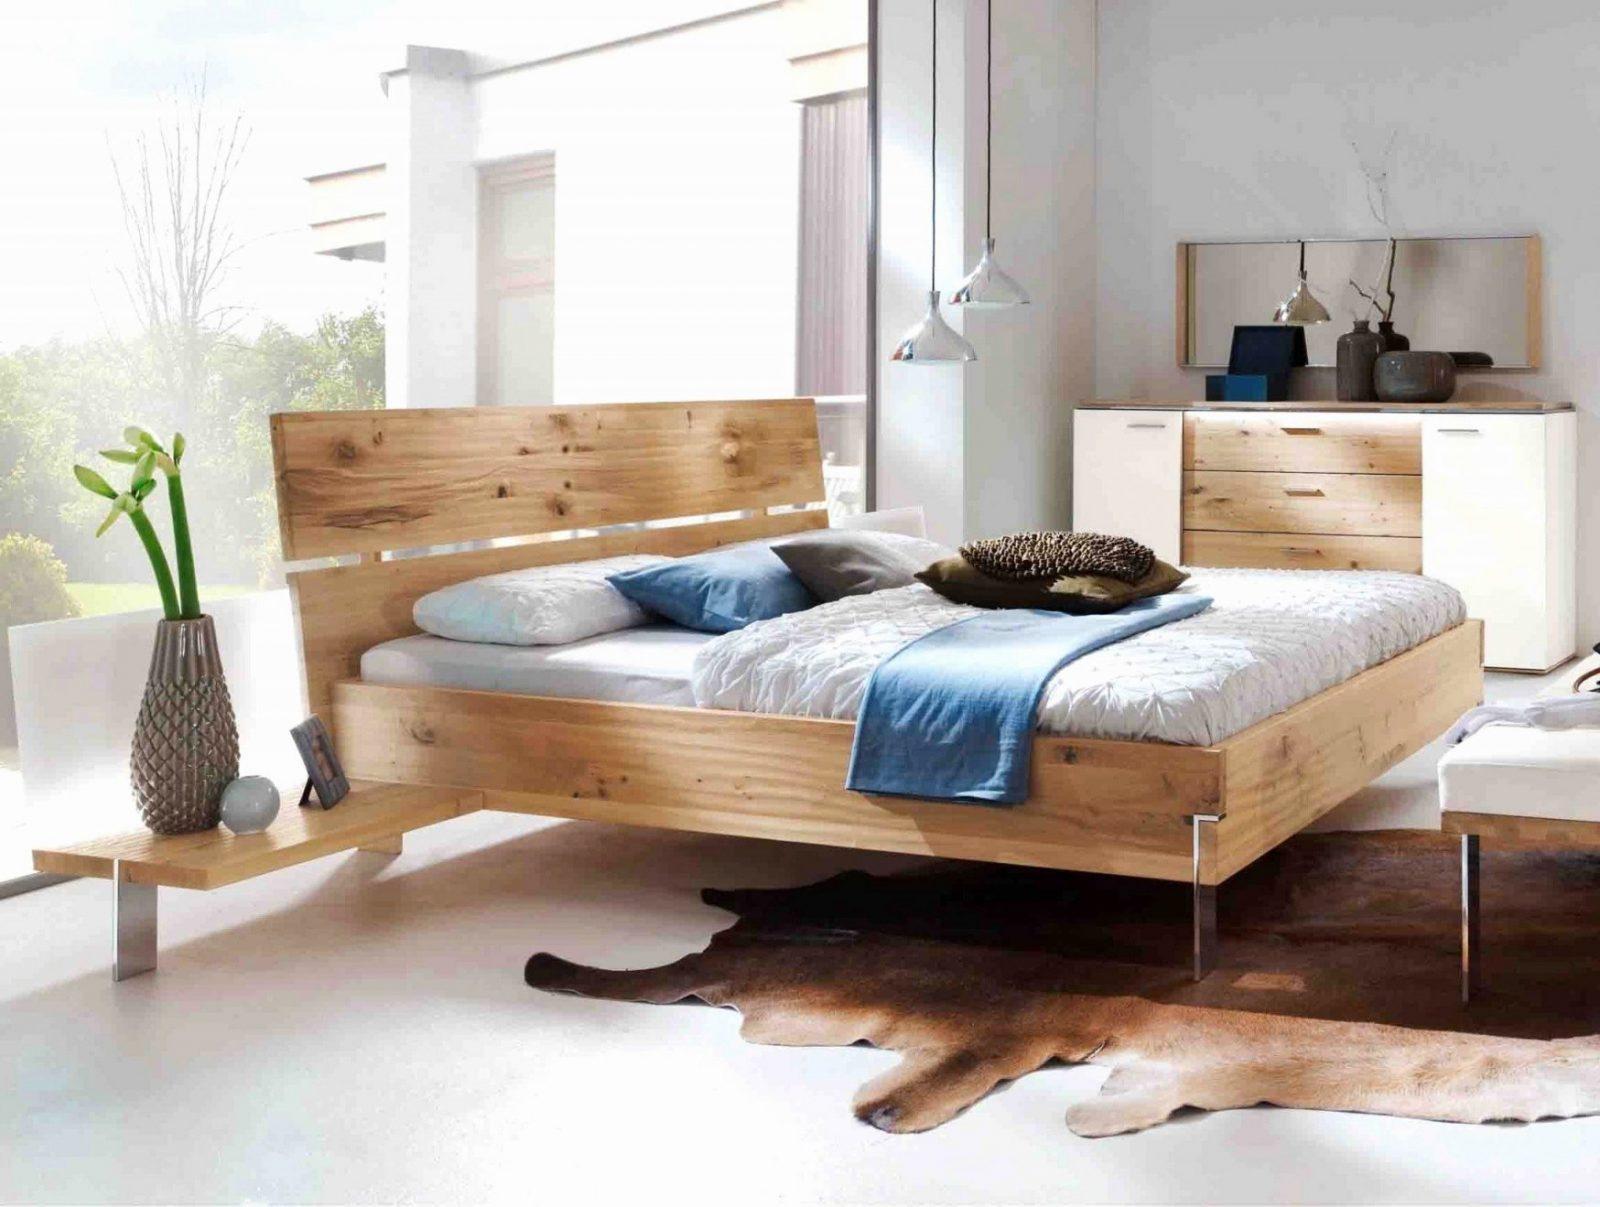 Bett Kopfteil Holz Selber Bauen Beispiele Für Bilder Kopfteil Bett von Bett Kopfteil Holz Selber Bauen Bild